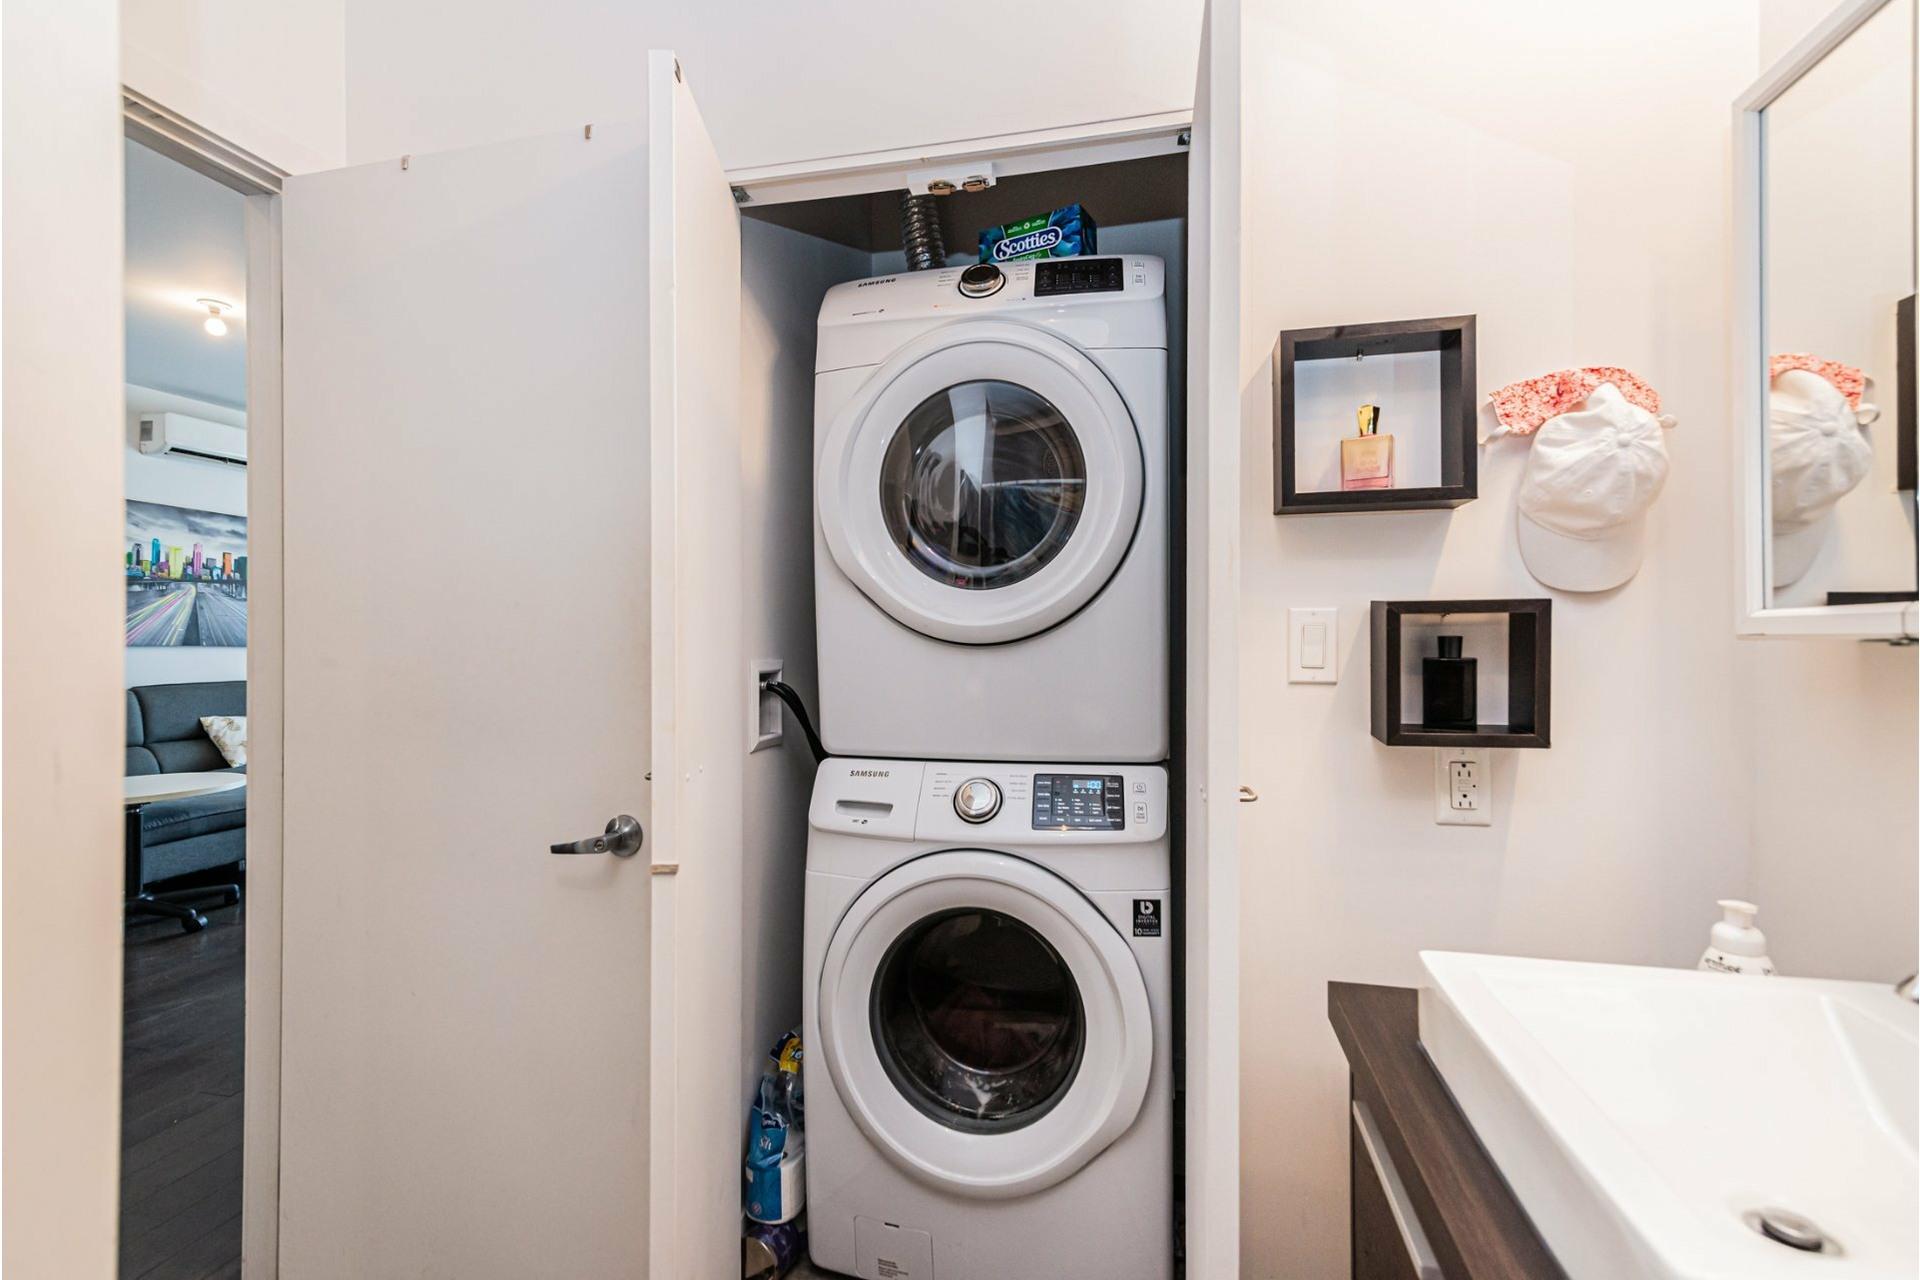 image 19 - Apartment For sale Lachine Montréal  - 4 rooms